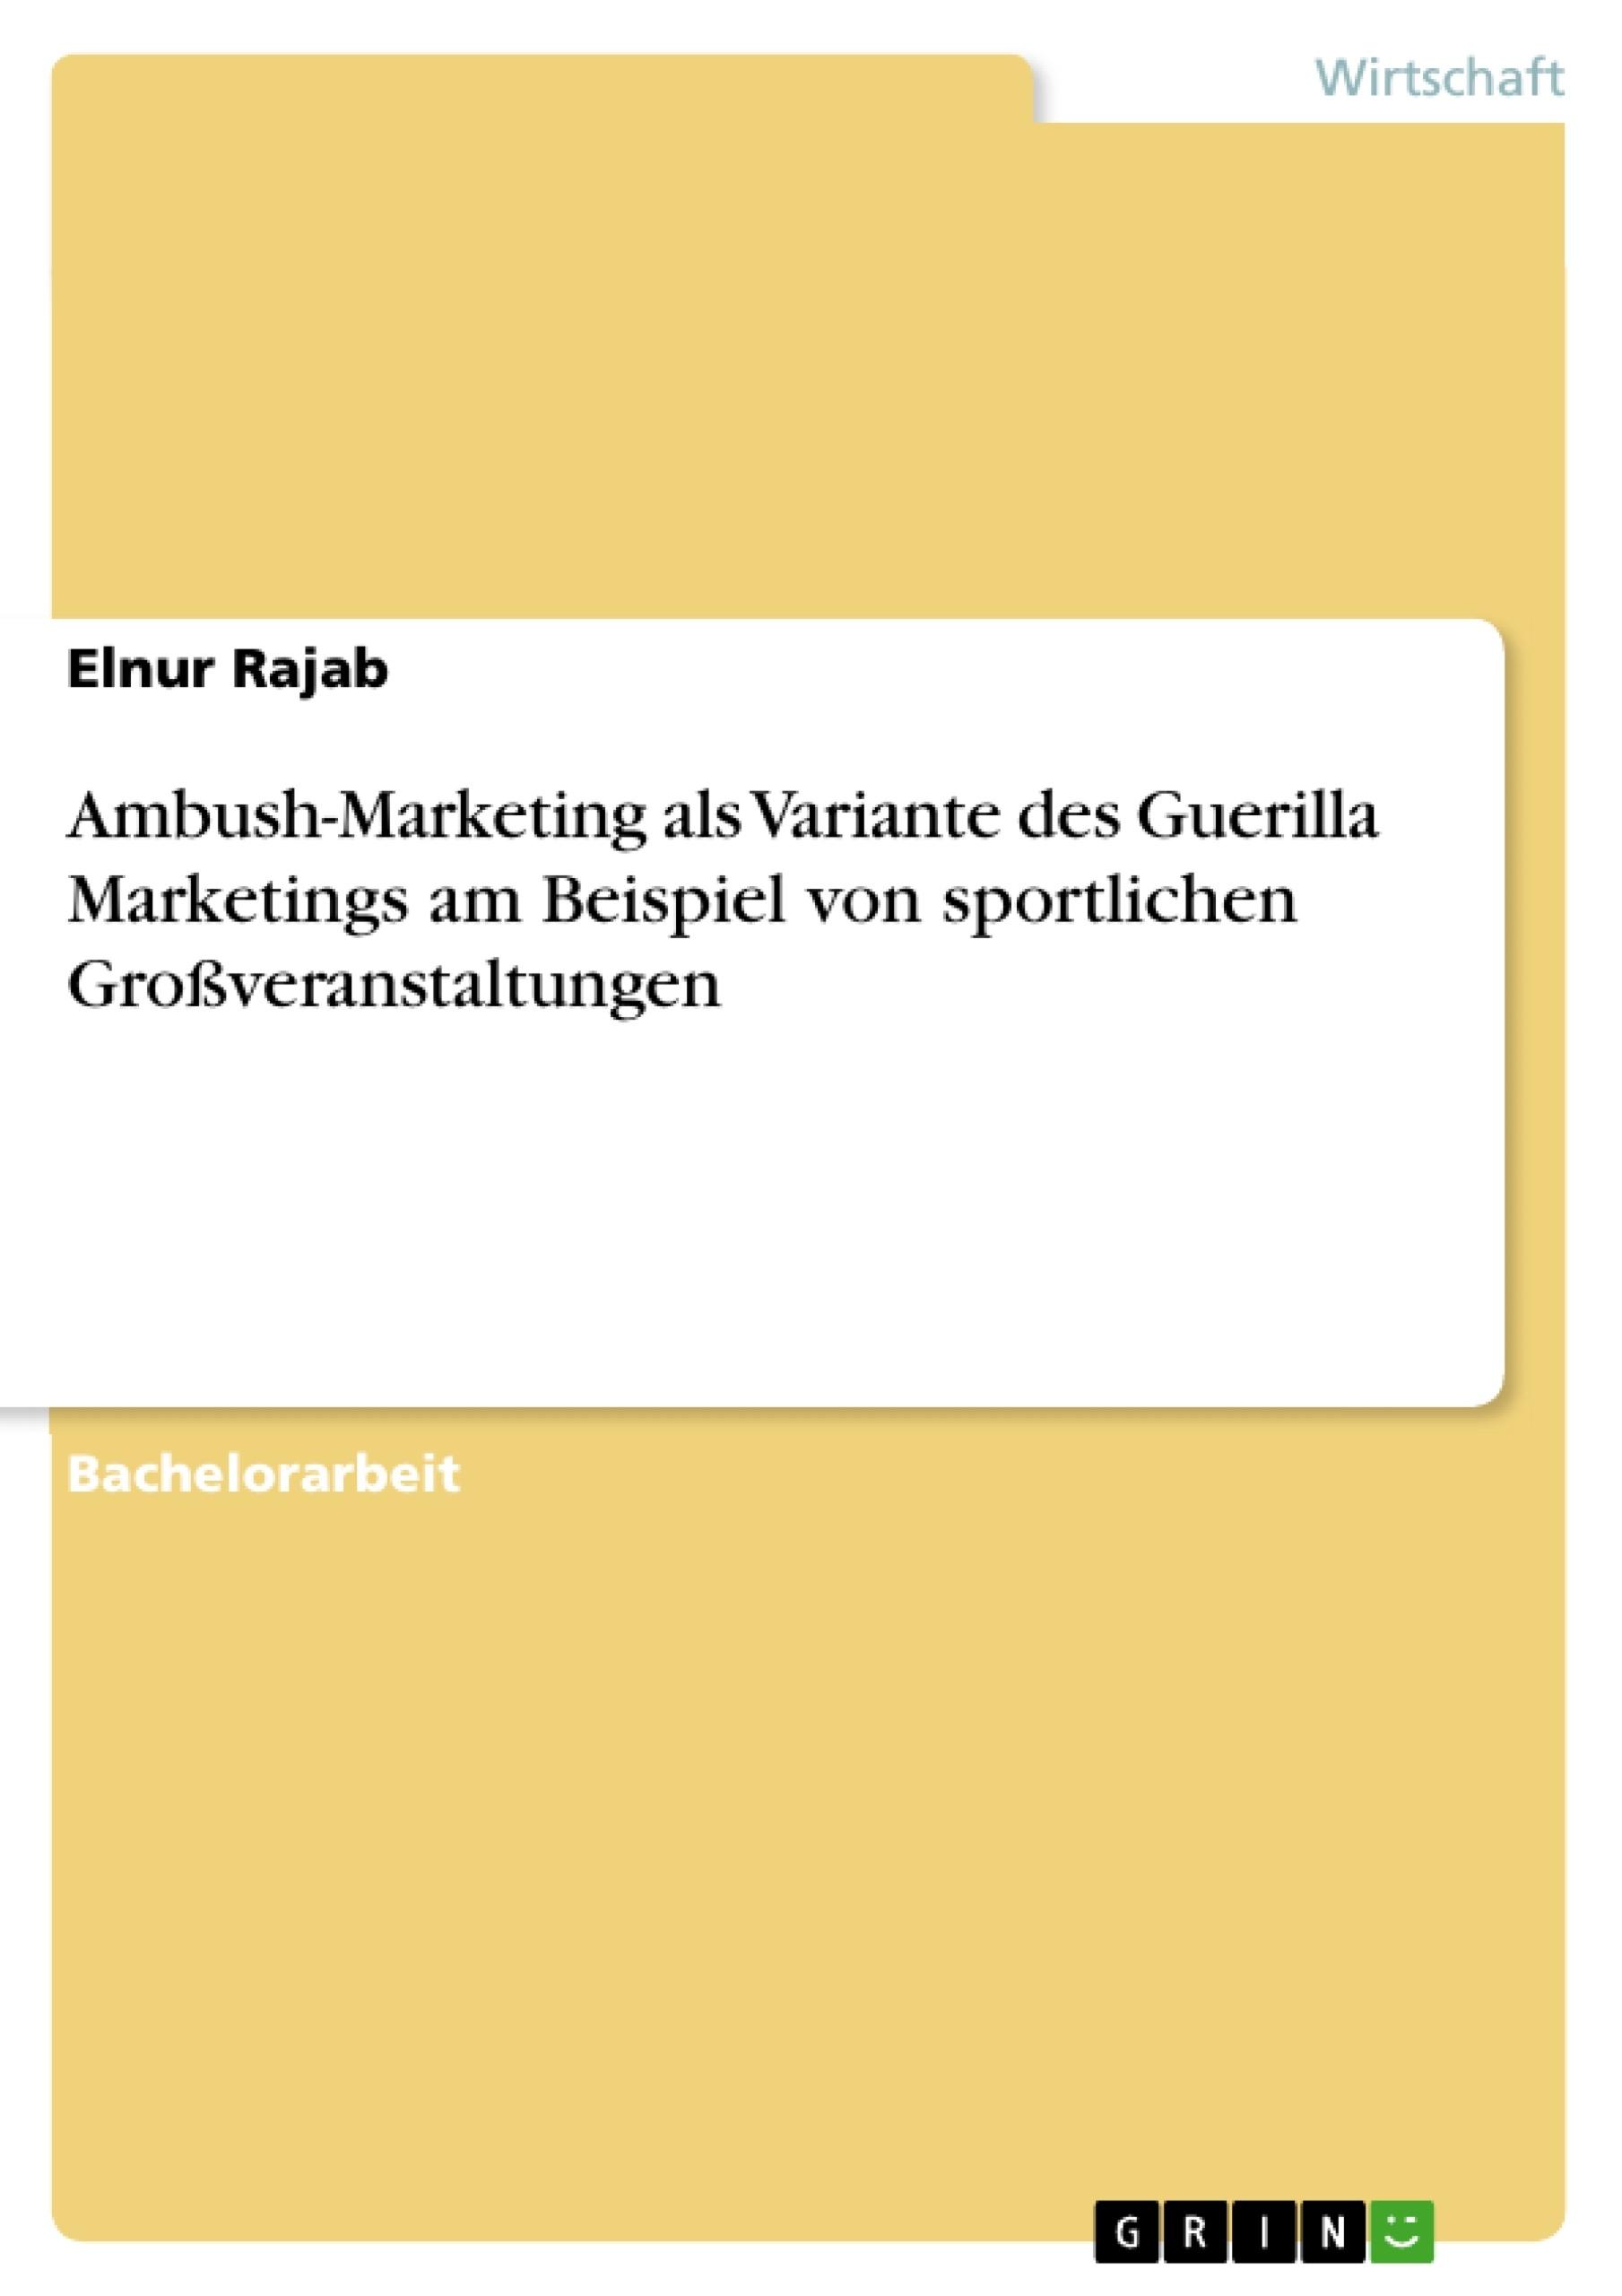 Titel: Ambush-Marketing als Variante des Guerilla Marketings am Beispiel von  sportlichen Großveranstaltungen